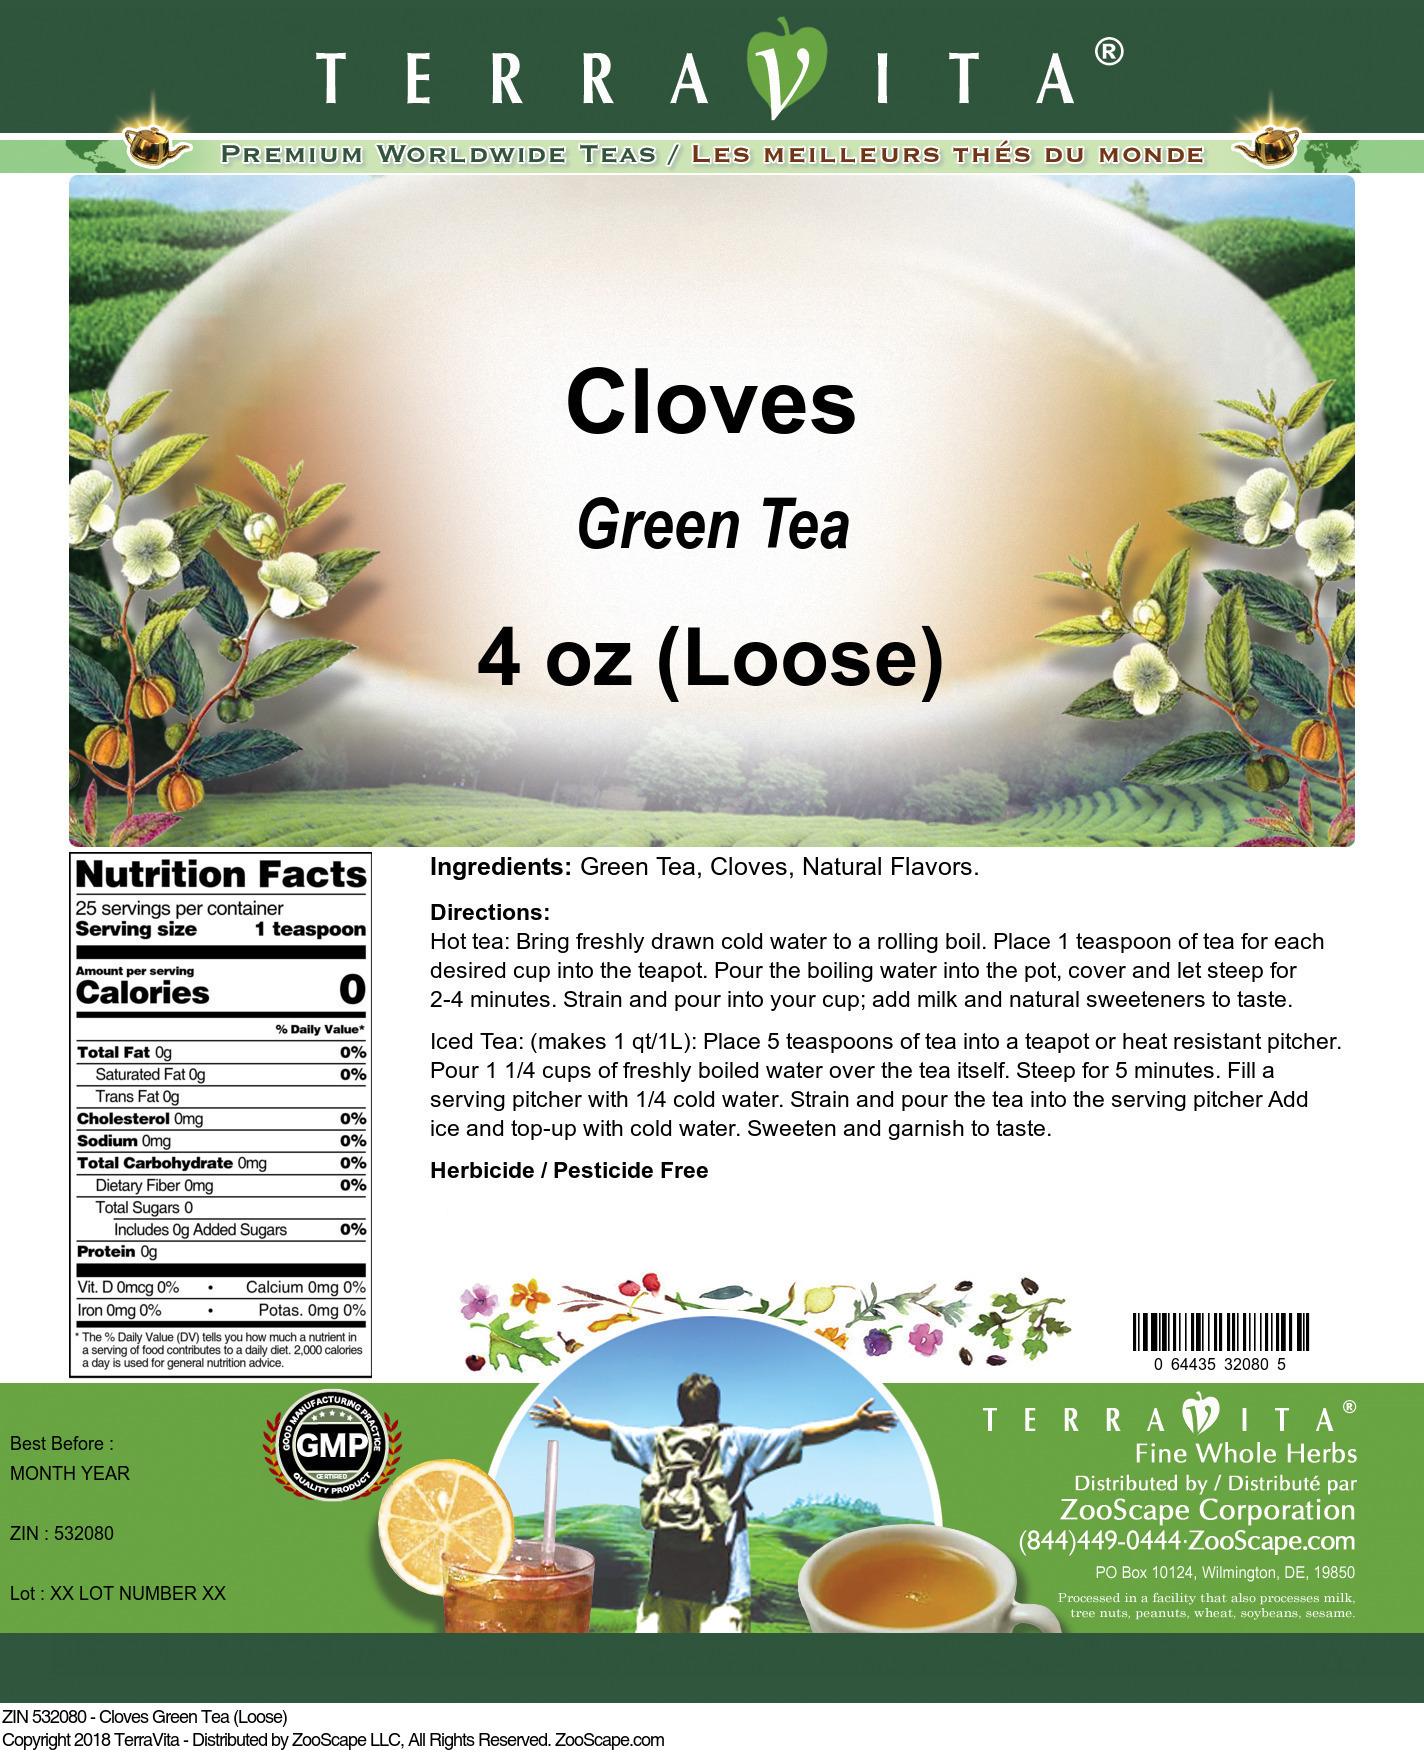 Cloves Green Tea